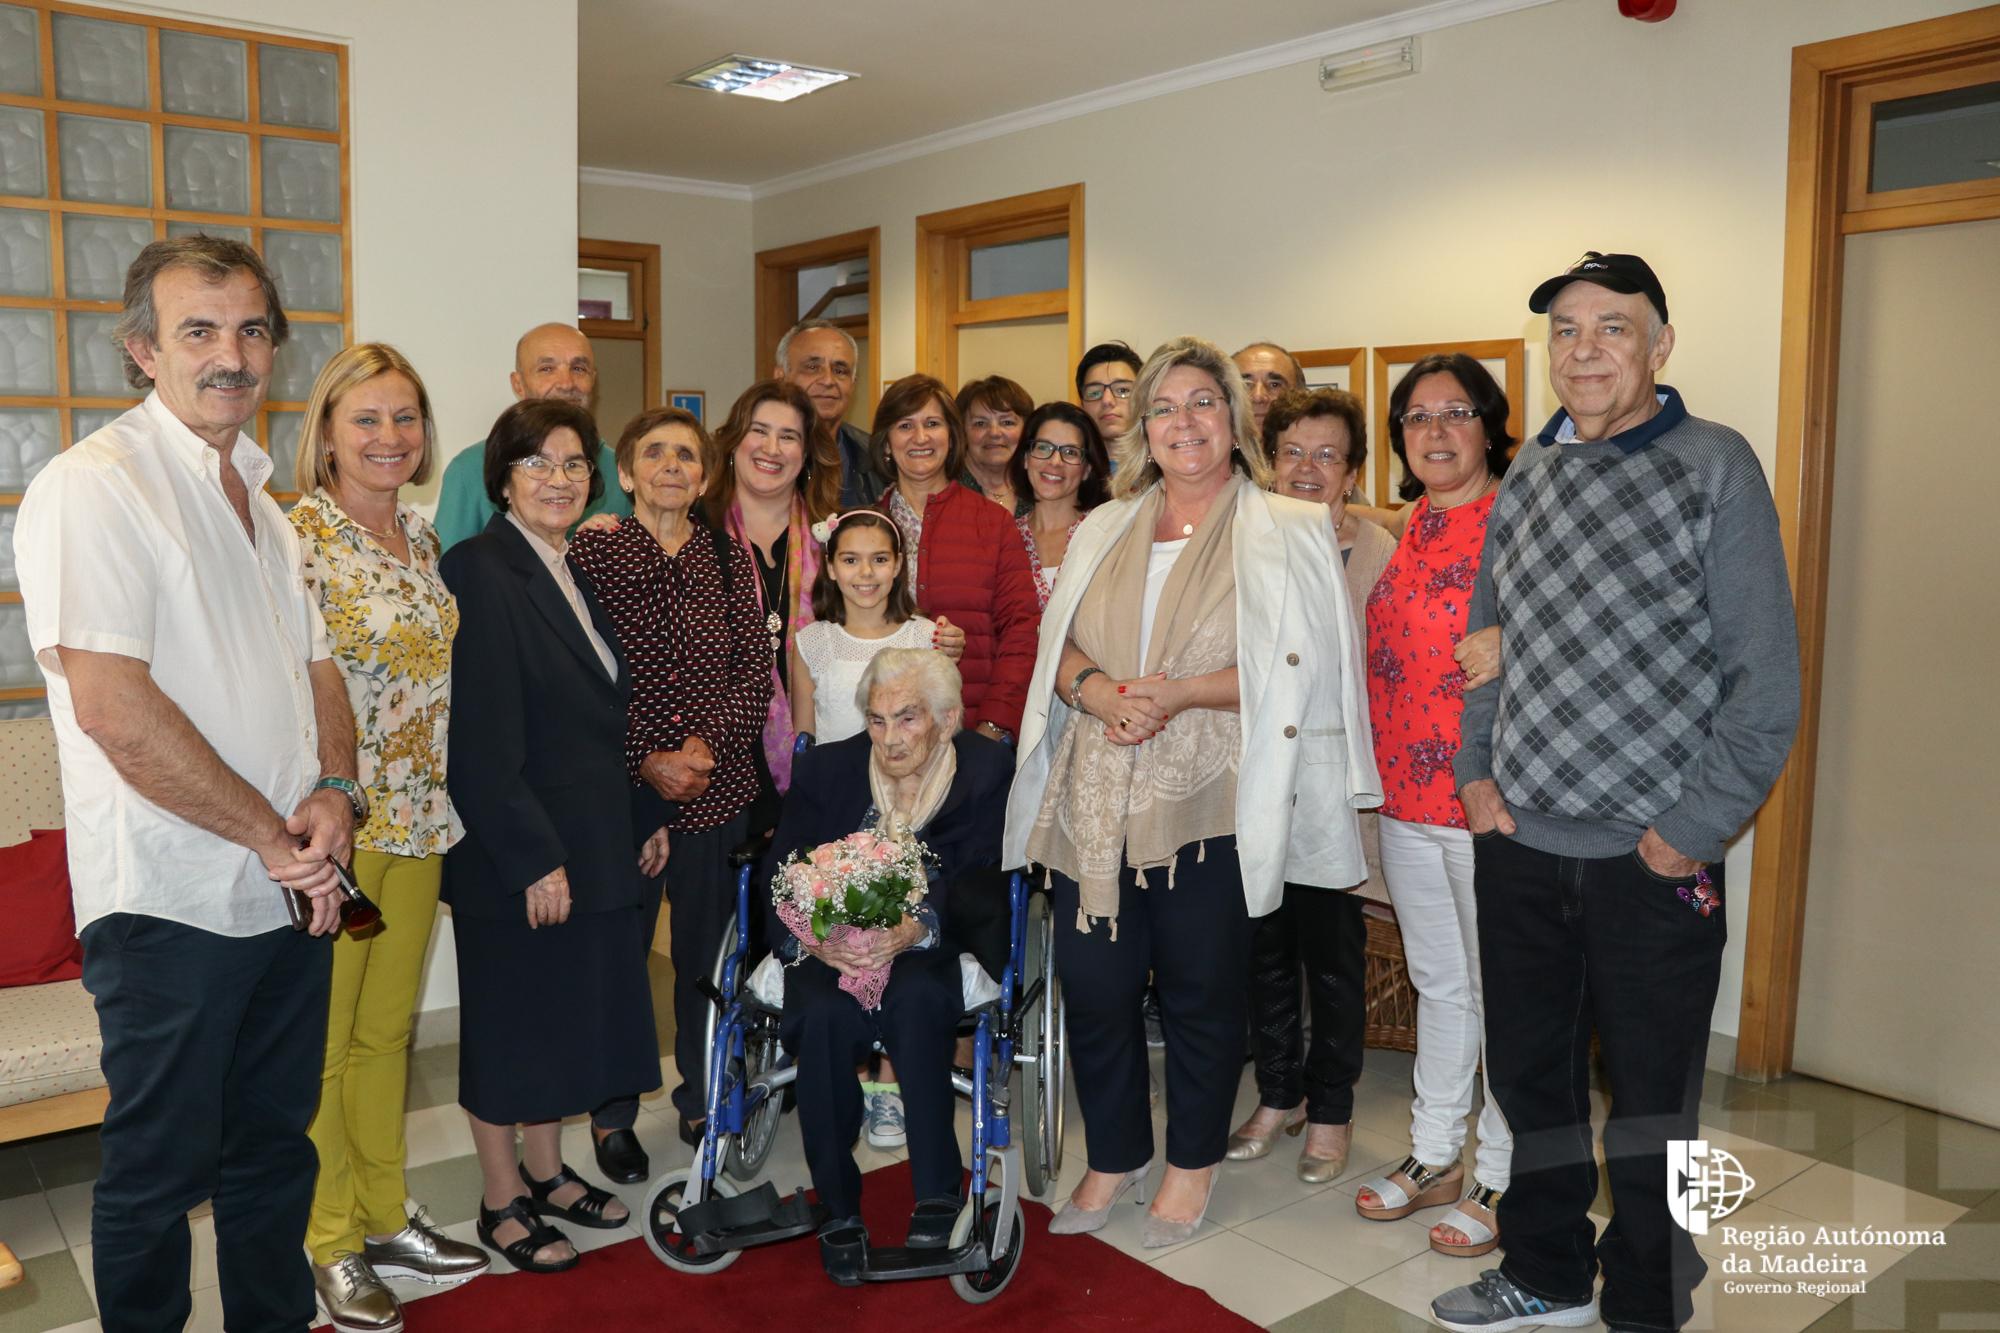 Segurança Social comemora o 105º aniversário da utente Sra. D. Georgina Jardim de Jesus